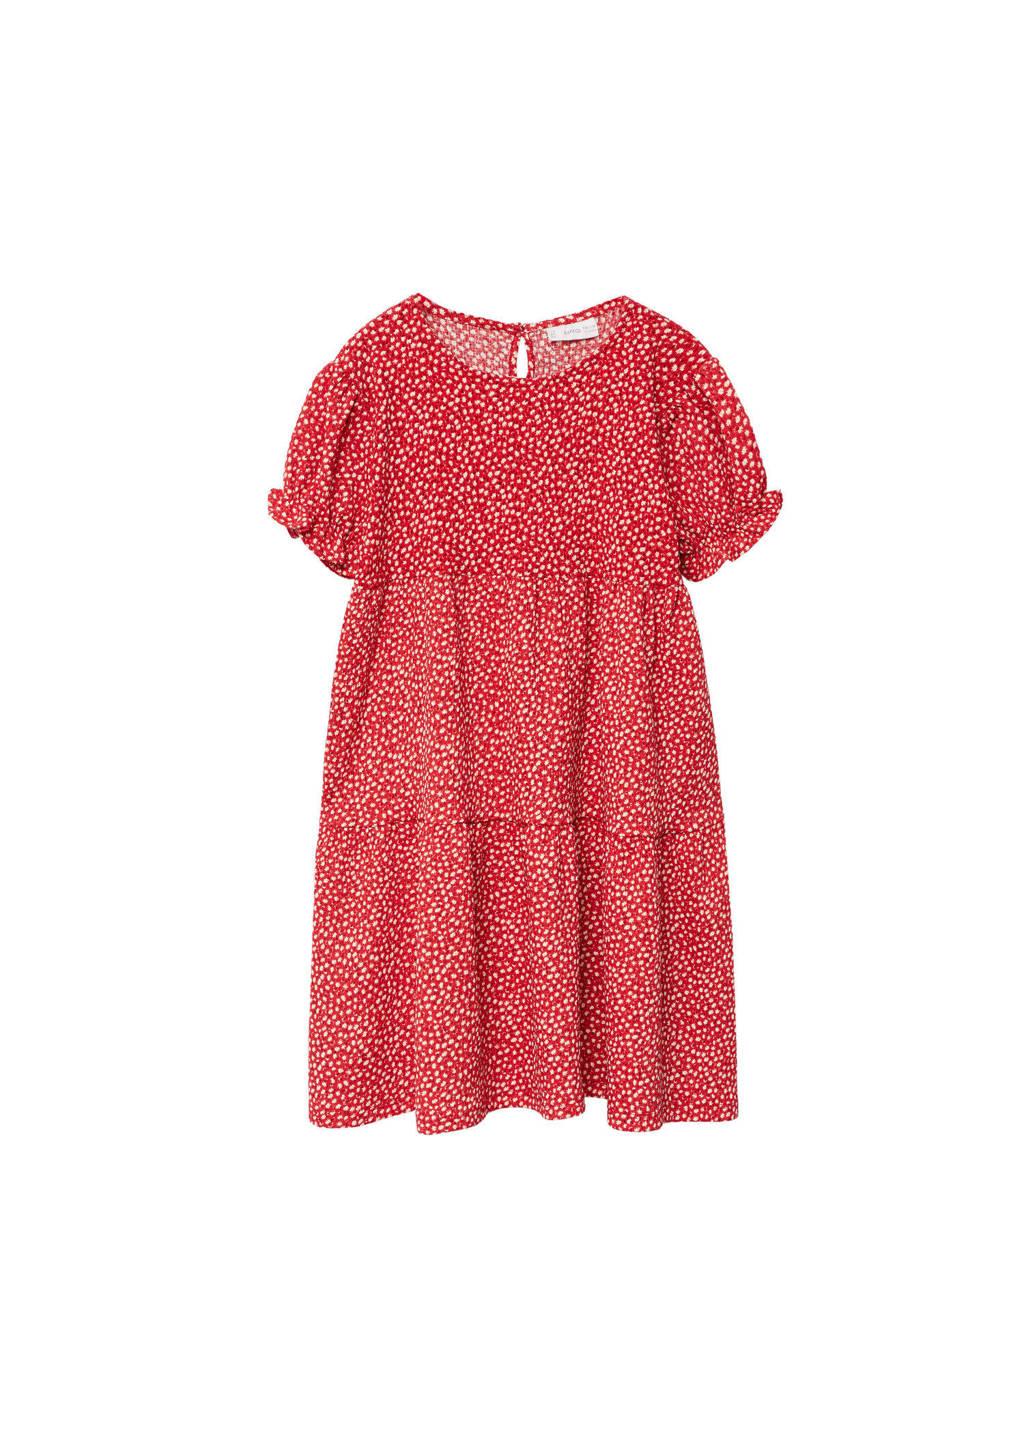 Mango Kids gebloemde jurk van gerecycled polyester rood, Rood